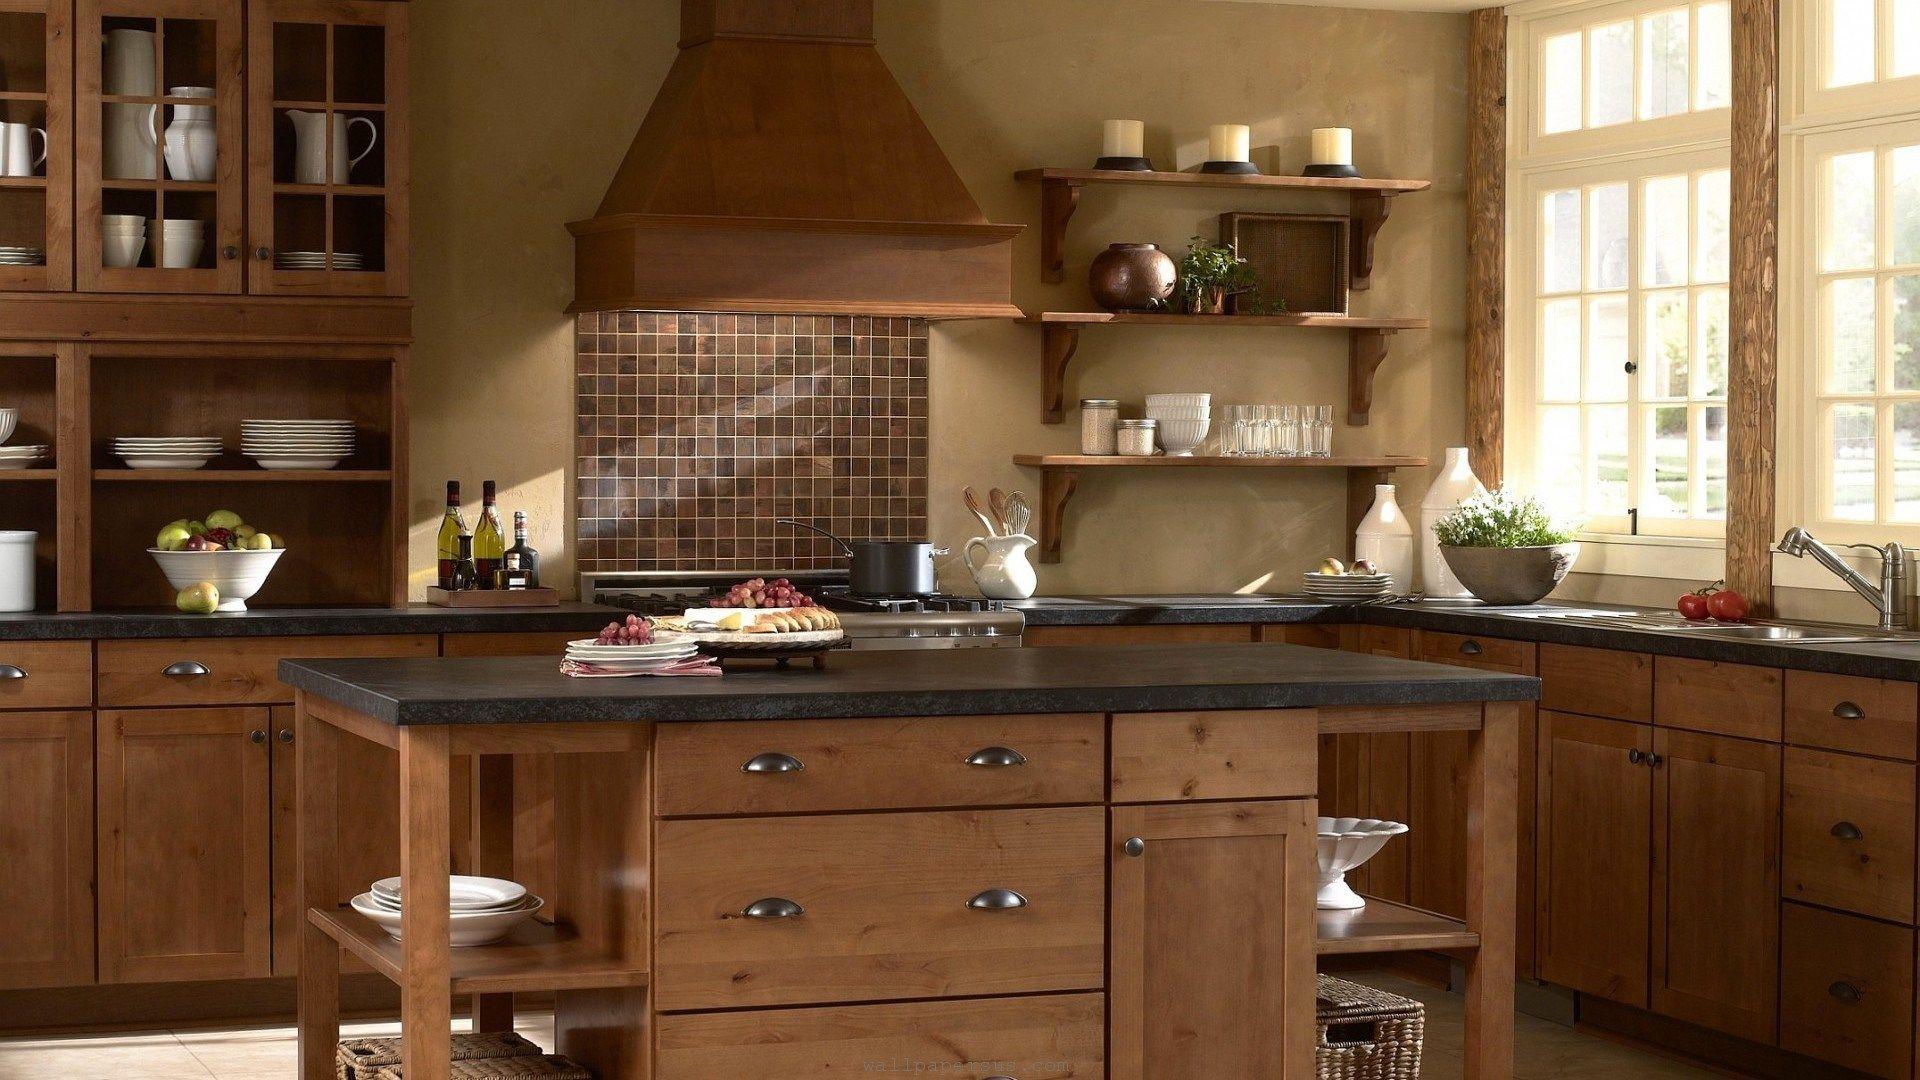 Organisation von küchenschränken design style kitchen designs tagged kitchen interior design march